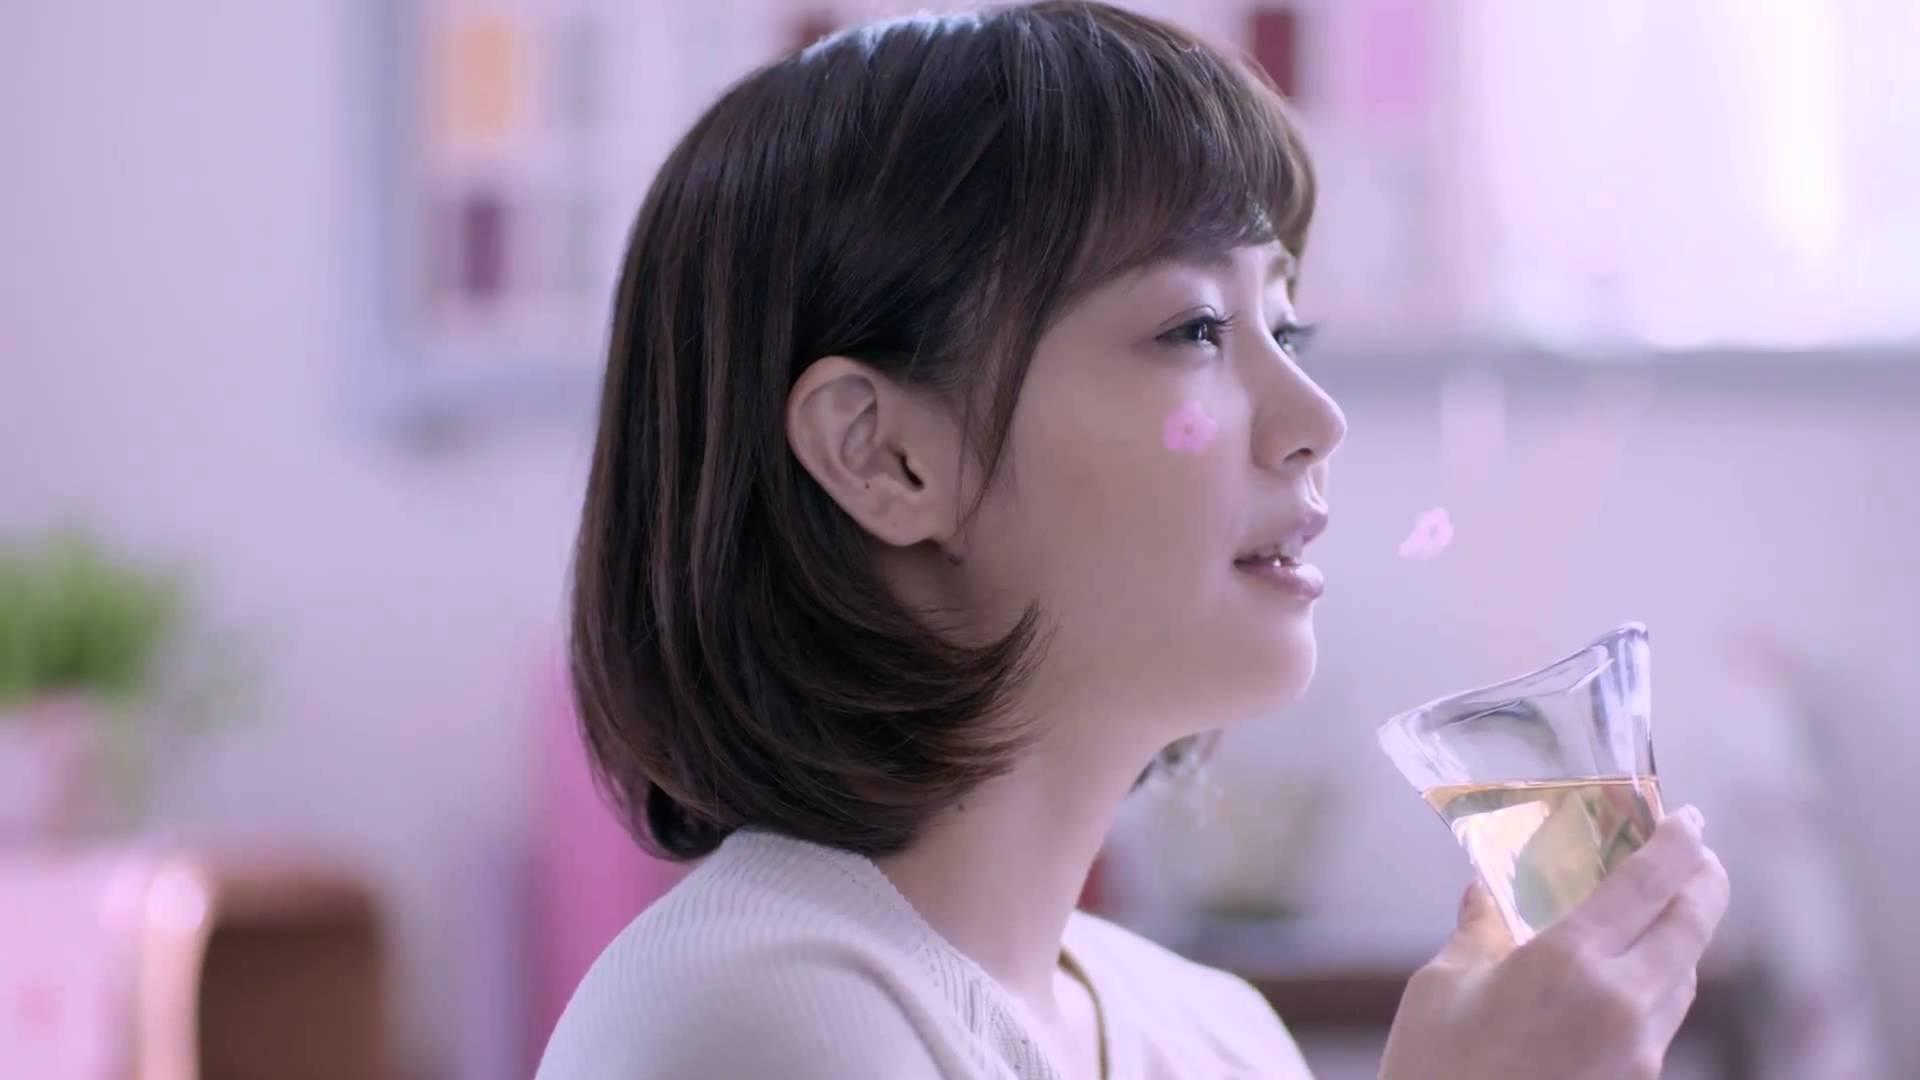 チョーヤ梅酒 うめほのり やさしいよい心地 篇 倉科カナ Tvcm Cm